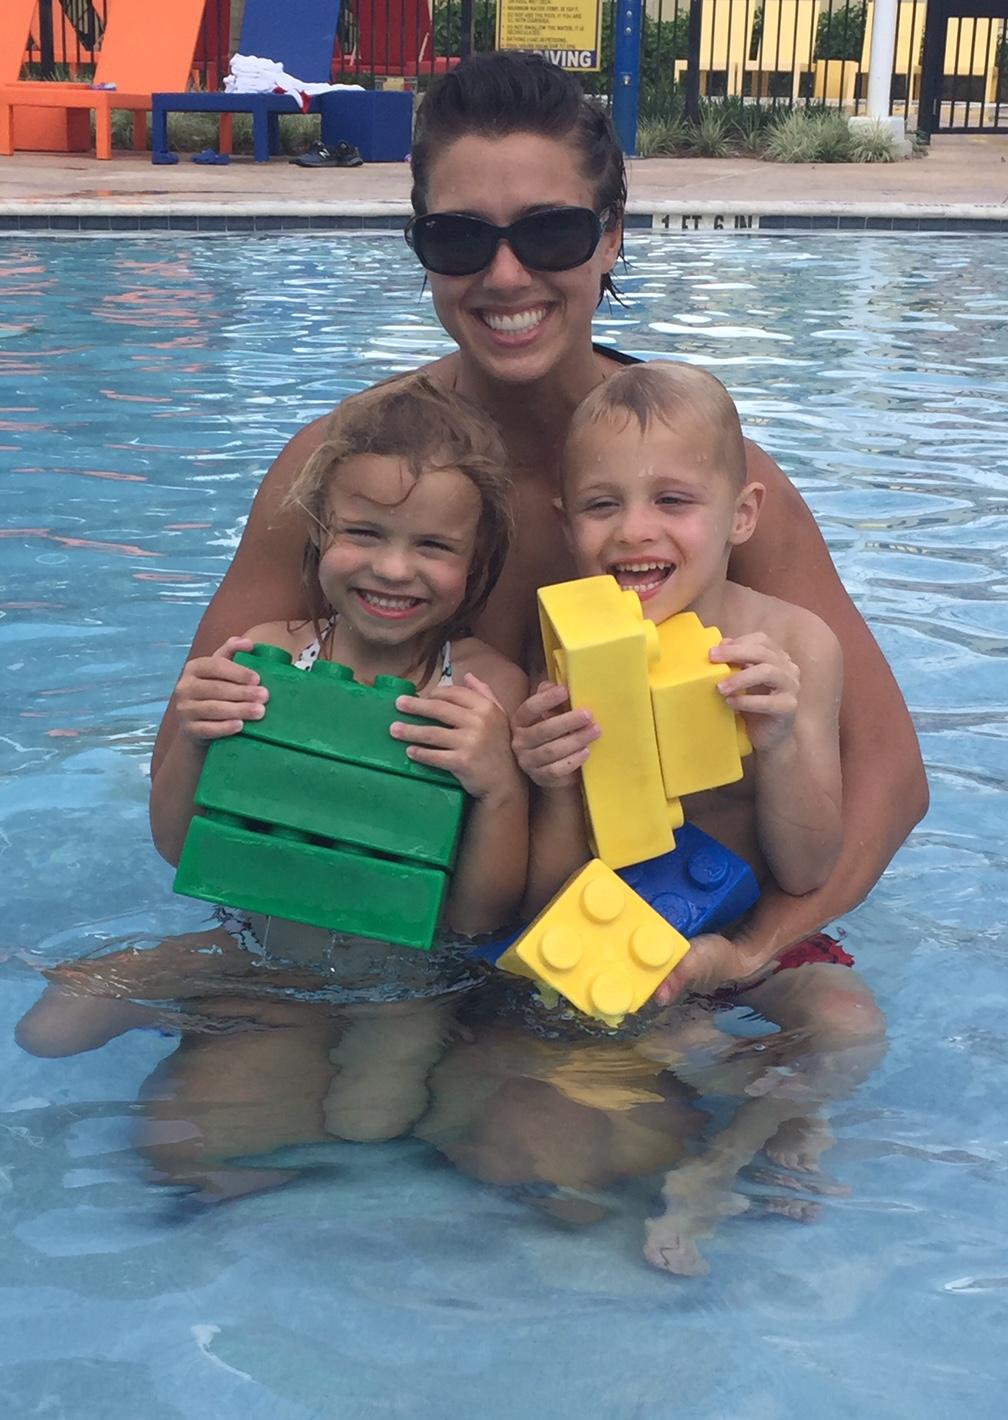 Shanna and twins pool.jpeg